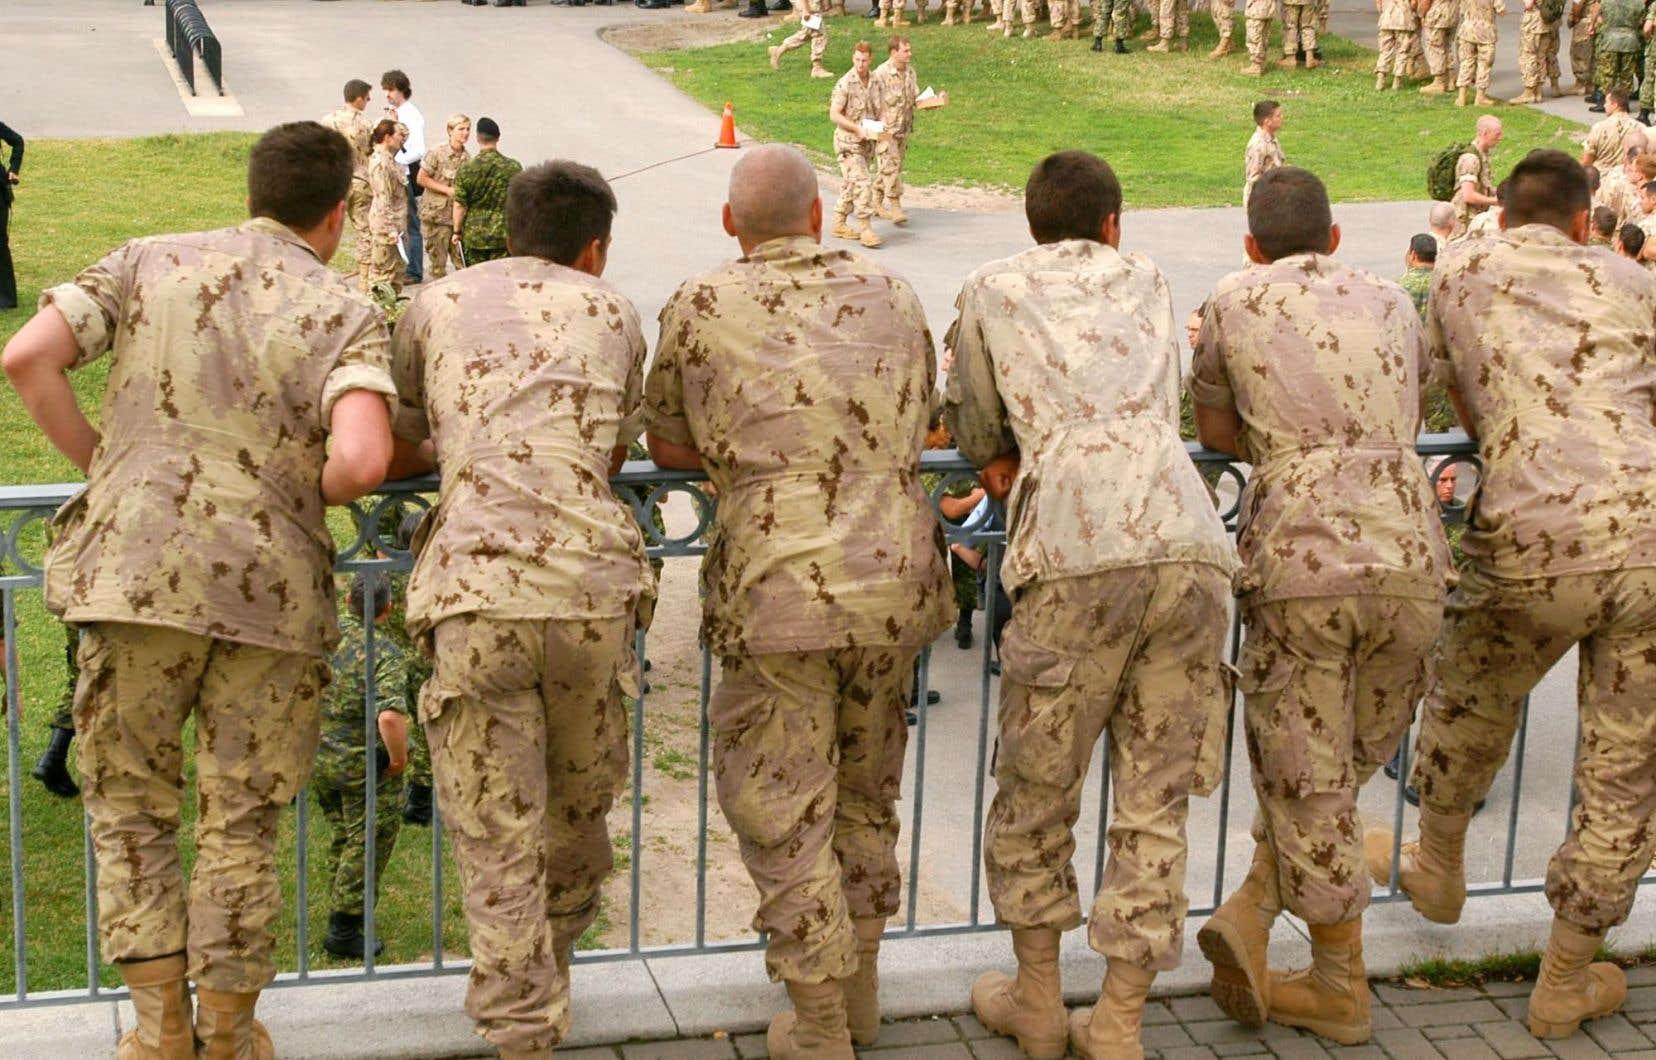 L'armée a présenté son premier rapport d'étape lundi pour détailler ses progrès quant à l'élimination des comportements sexuels inappropriés dans ses rangs.